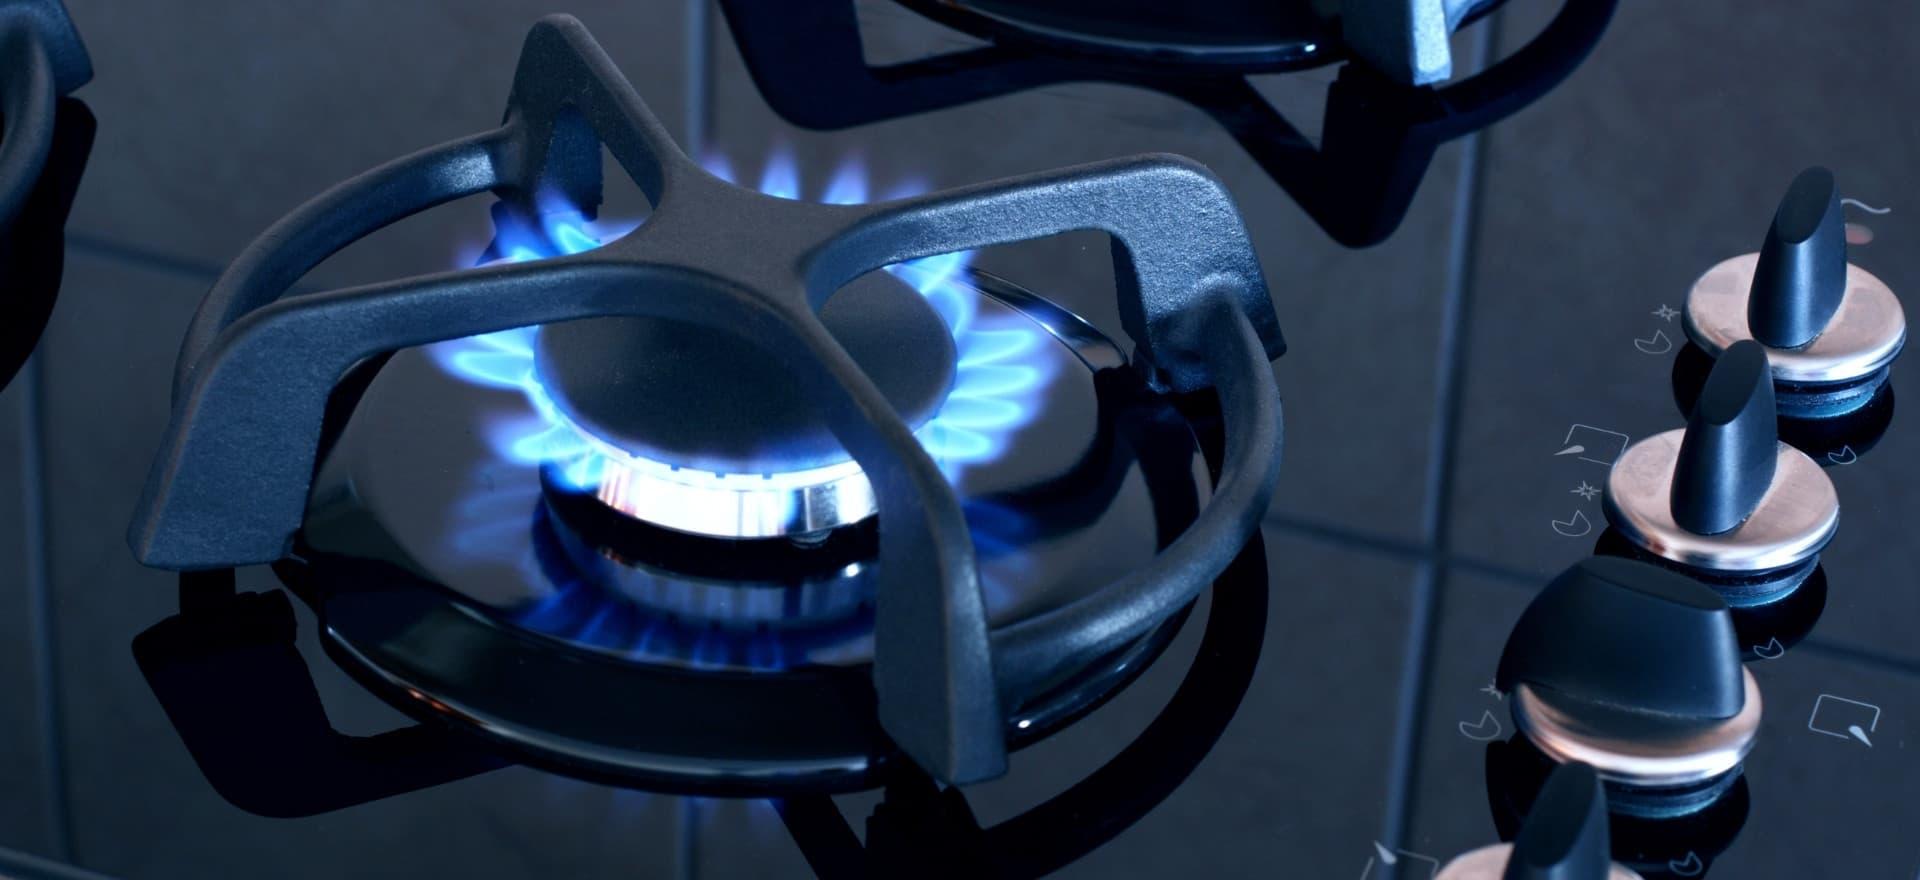 Decorative Gas Appliances